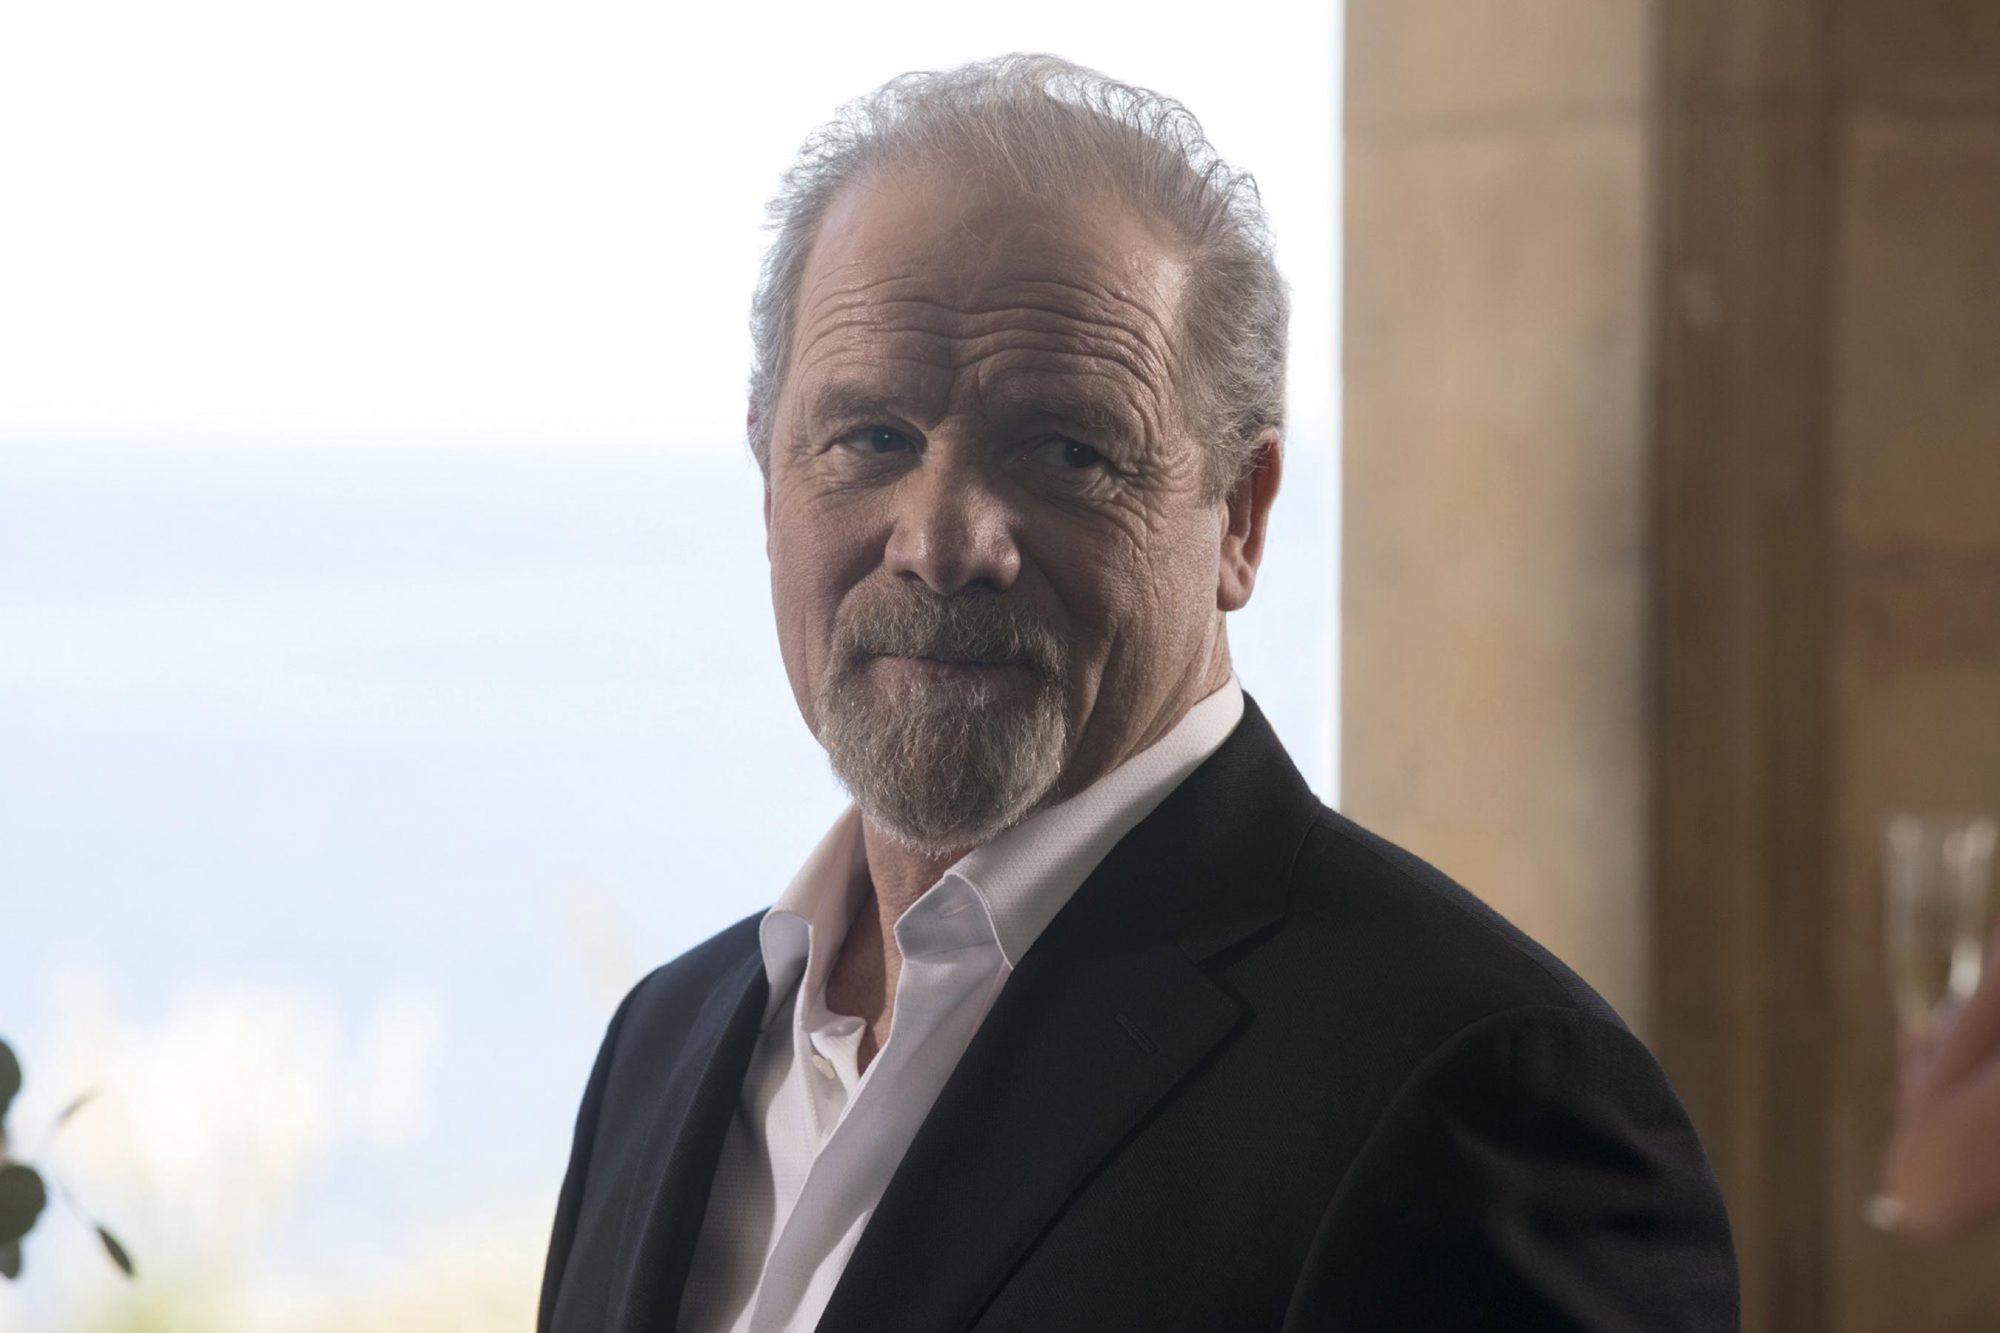 WestworldSeason 2, Episode 2Peter MullanCredit:  John P. Johnson/HBO